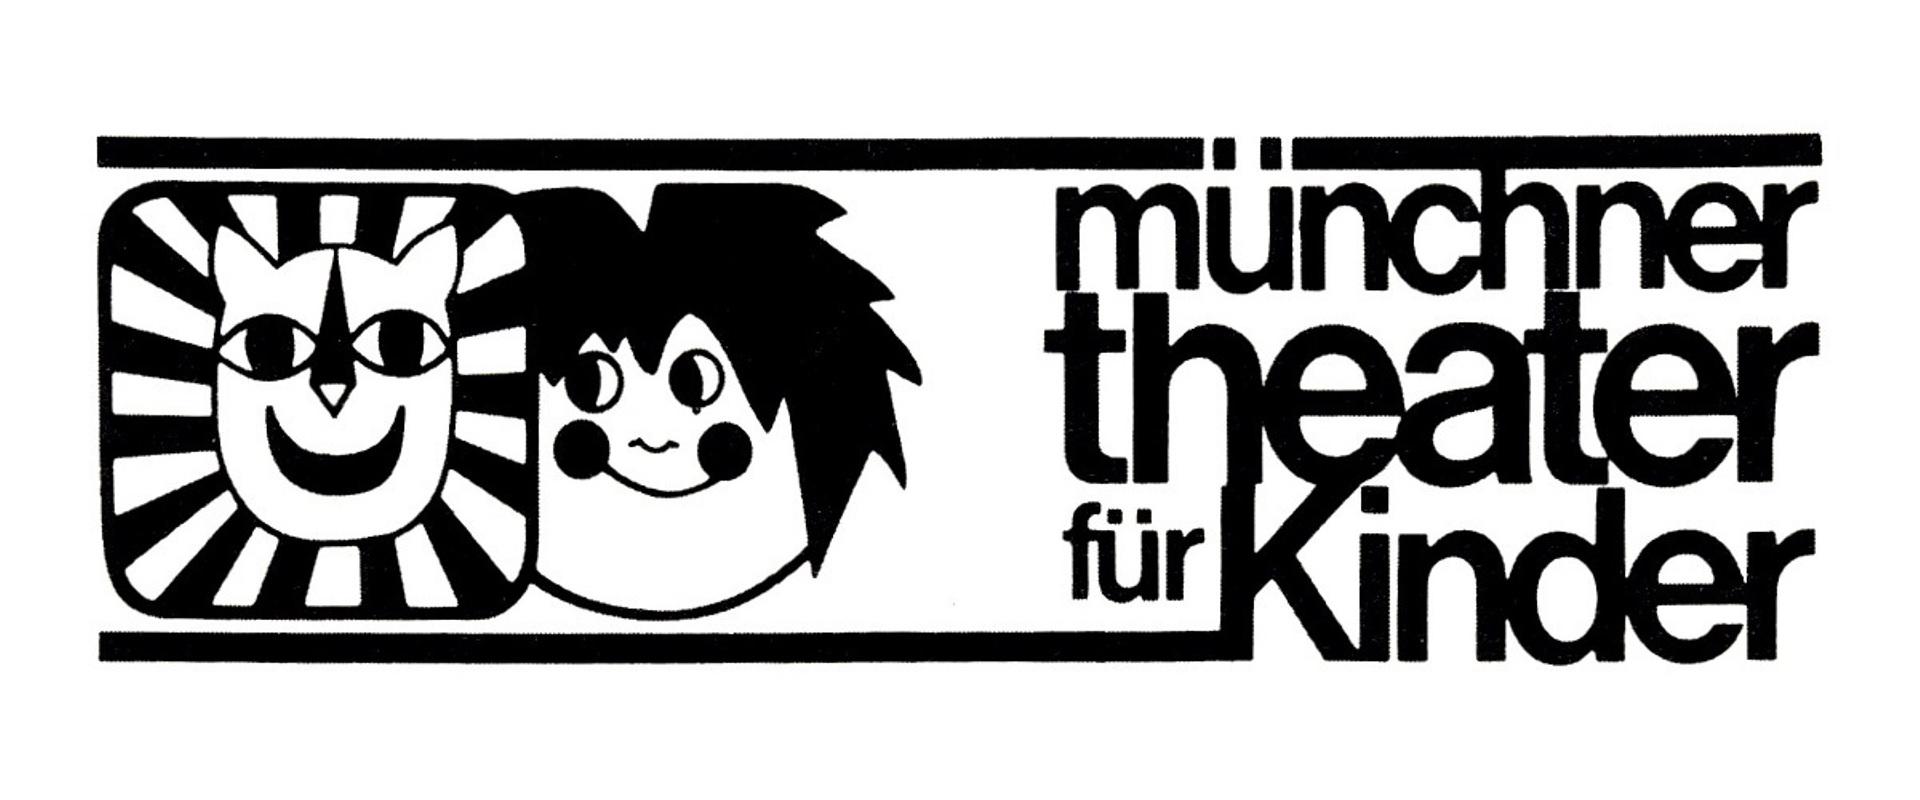 011218 Max Und Moritz Forum Altötting